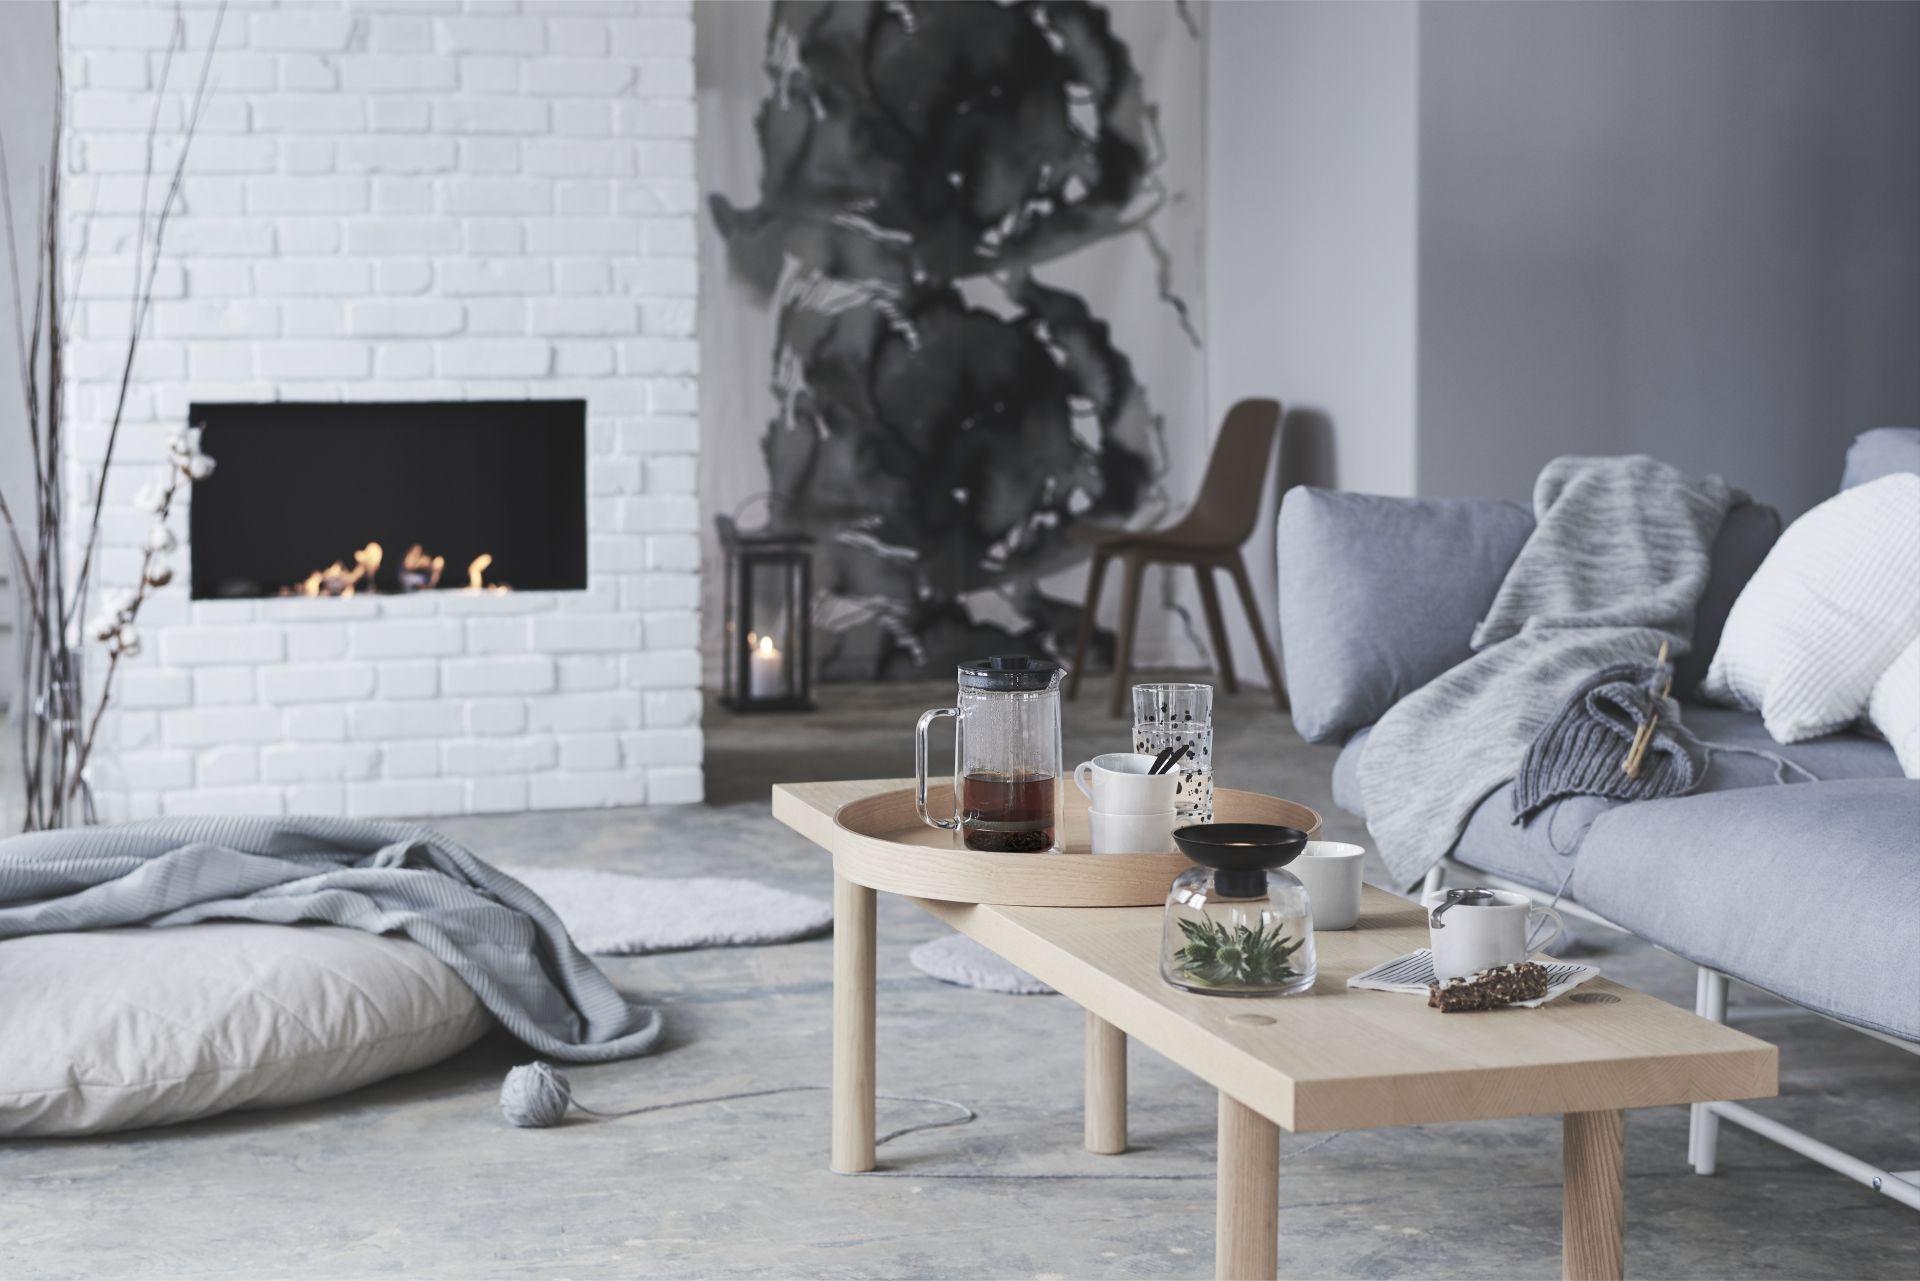 Ikea Küchenstühle ~ Stockholm dienblad ikea ikeanl ikeanederland designdroom